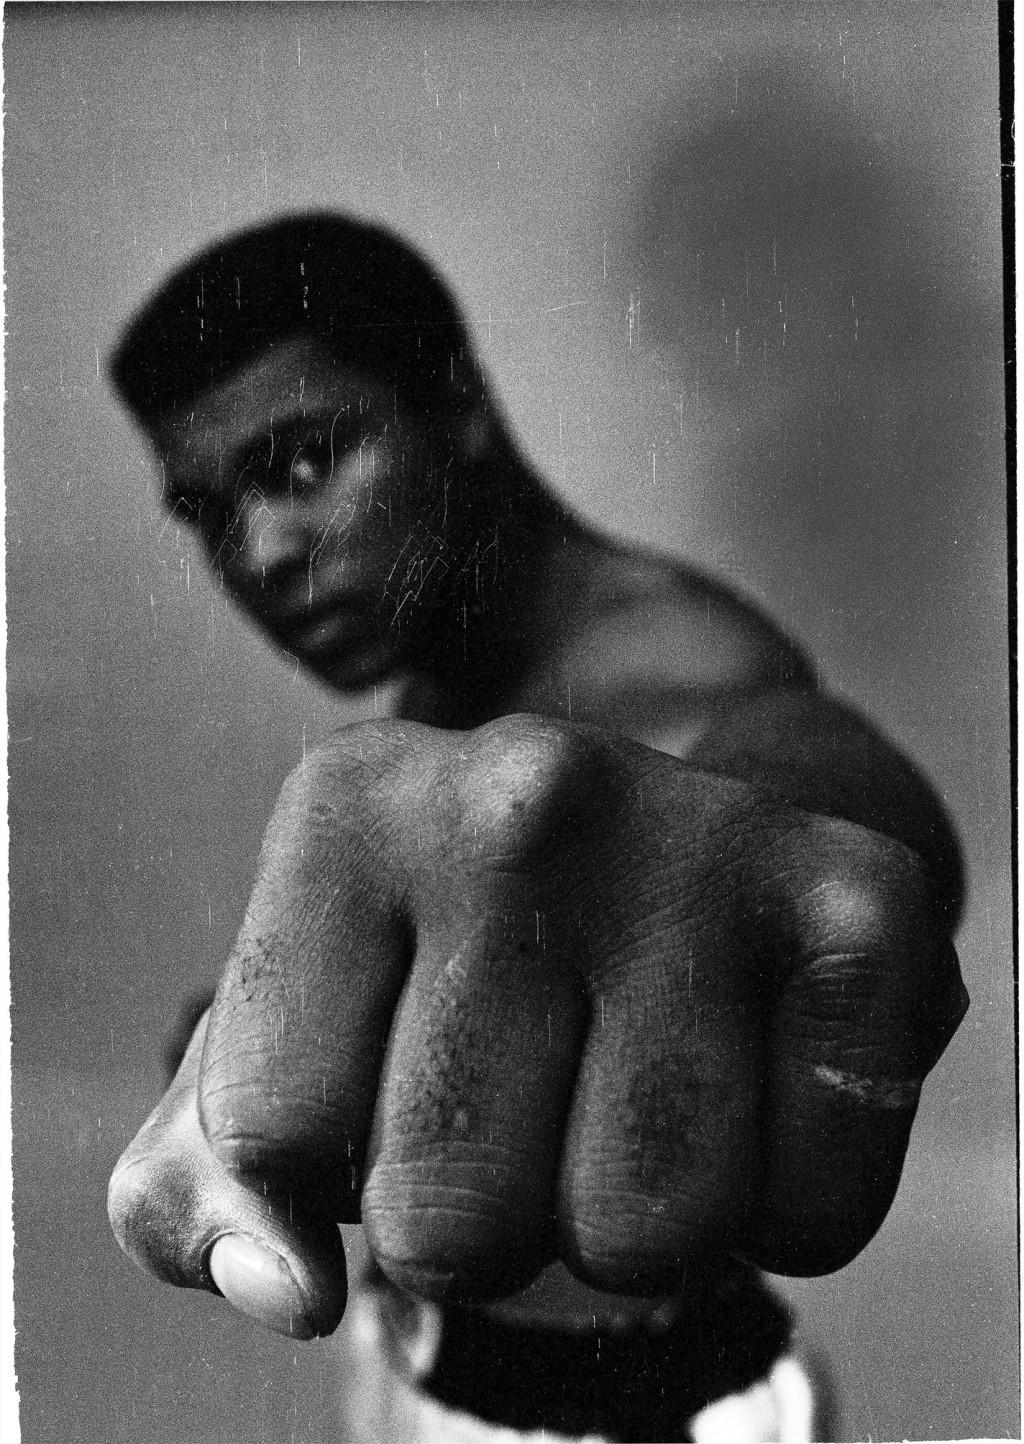 Ali Fist black_London_1966_Print 50 x 60 cm_Rahmen 60 x 80 cm_Baryt-Abzug_Edition 1 von 20